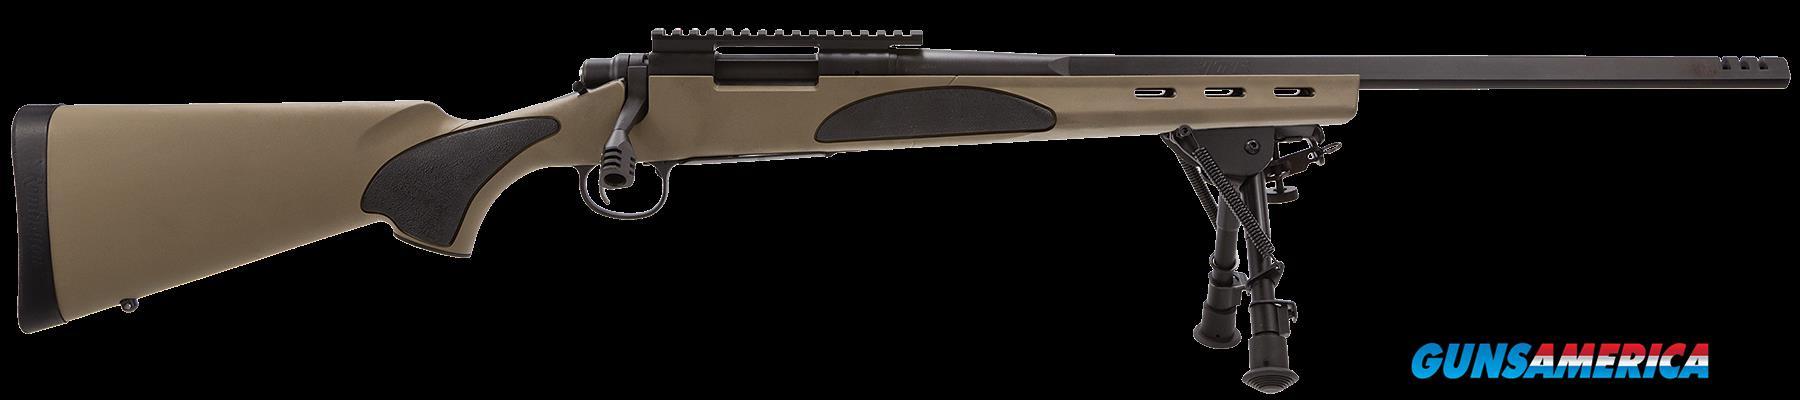 Remington Firearms 700, Rem 84377 700 Vtr Var 308     22   Fde  Guns > Pistols > 1911 Pistol Copies (non-Colt)